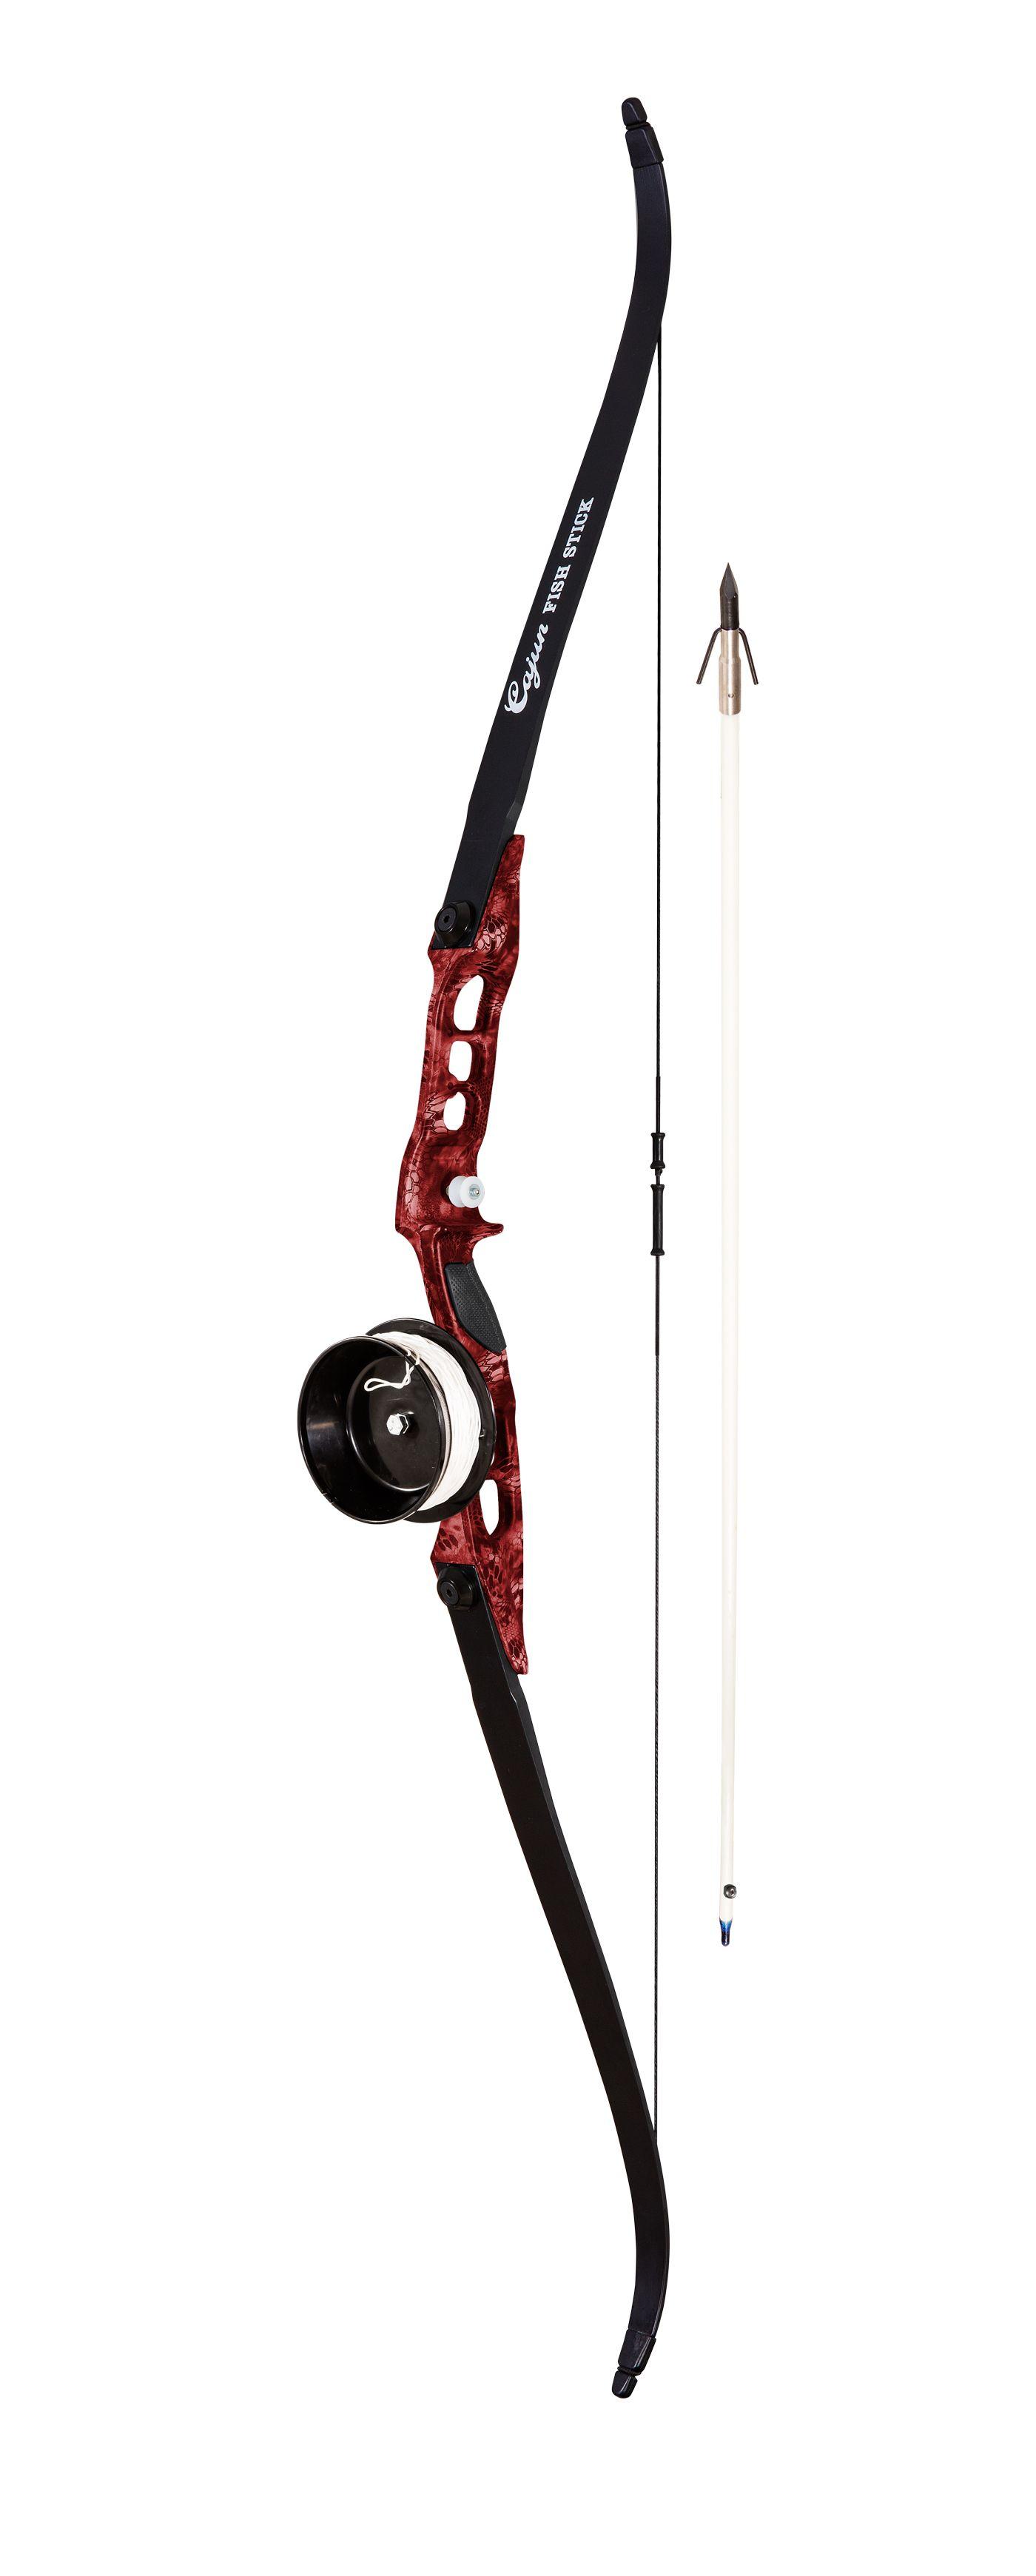 Cajun Bowfishing Fish Stick Recurve Bowfishing Bow Package